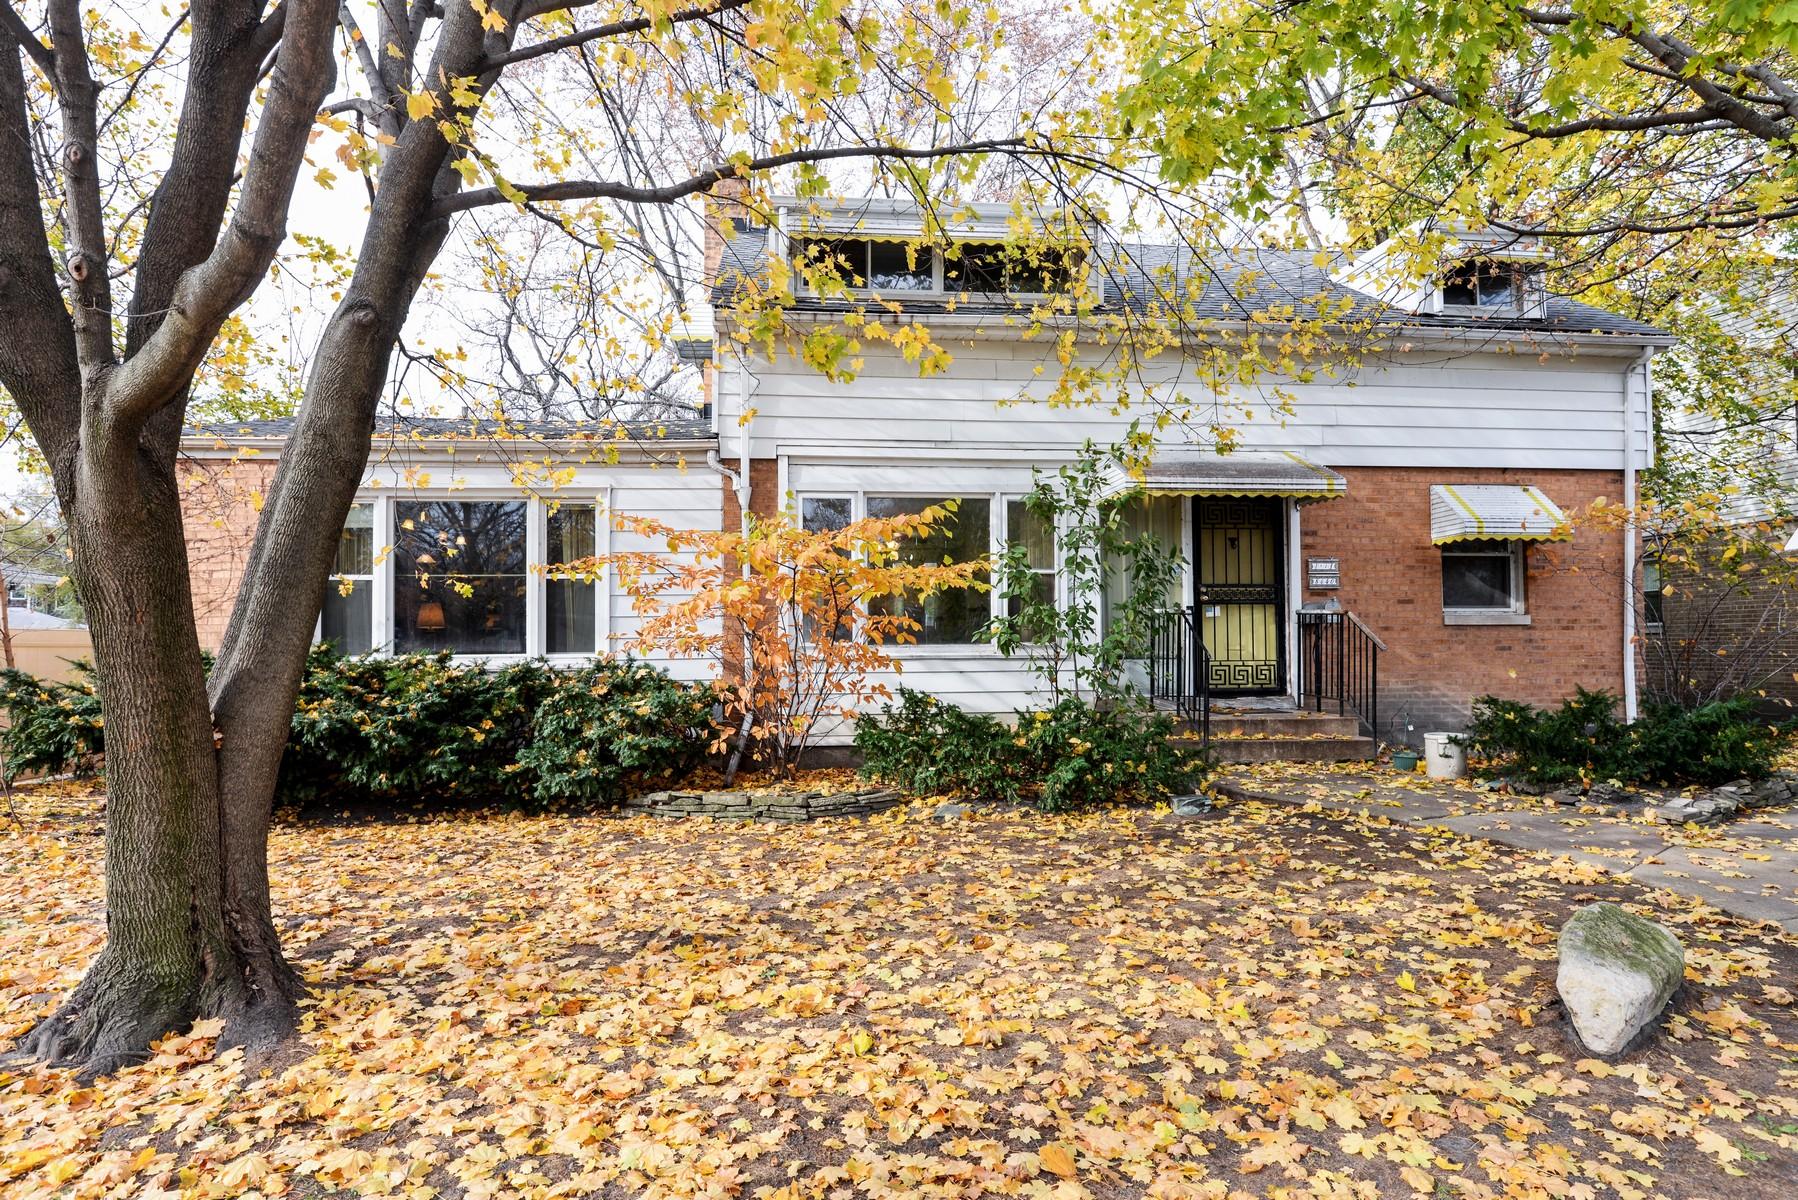 Einfamilienhaus für Verkauf beim Large Skokie Home with Evanston Schools 8640 E Prairie Road Skokie, Illinois, 60076 Vereinigte Staaten